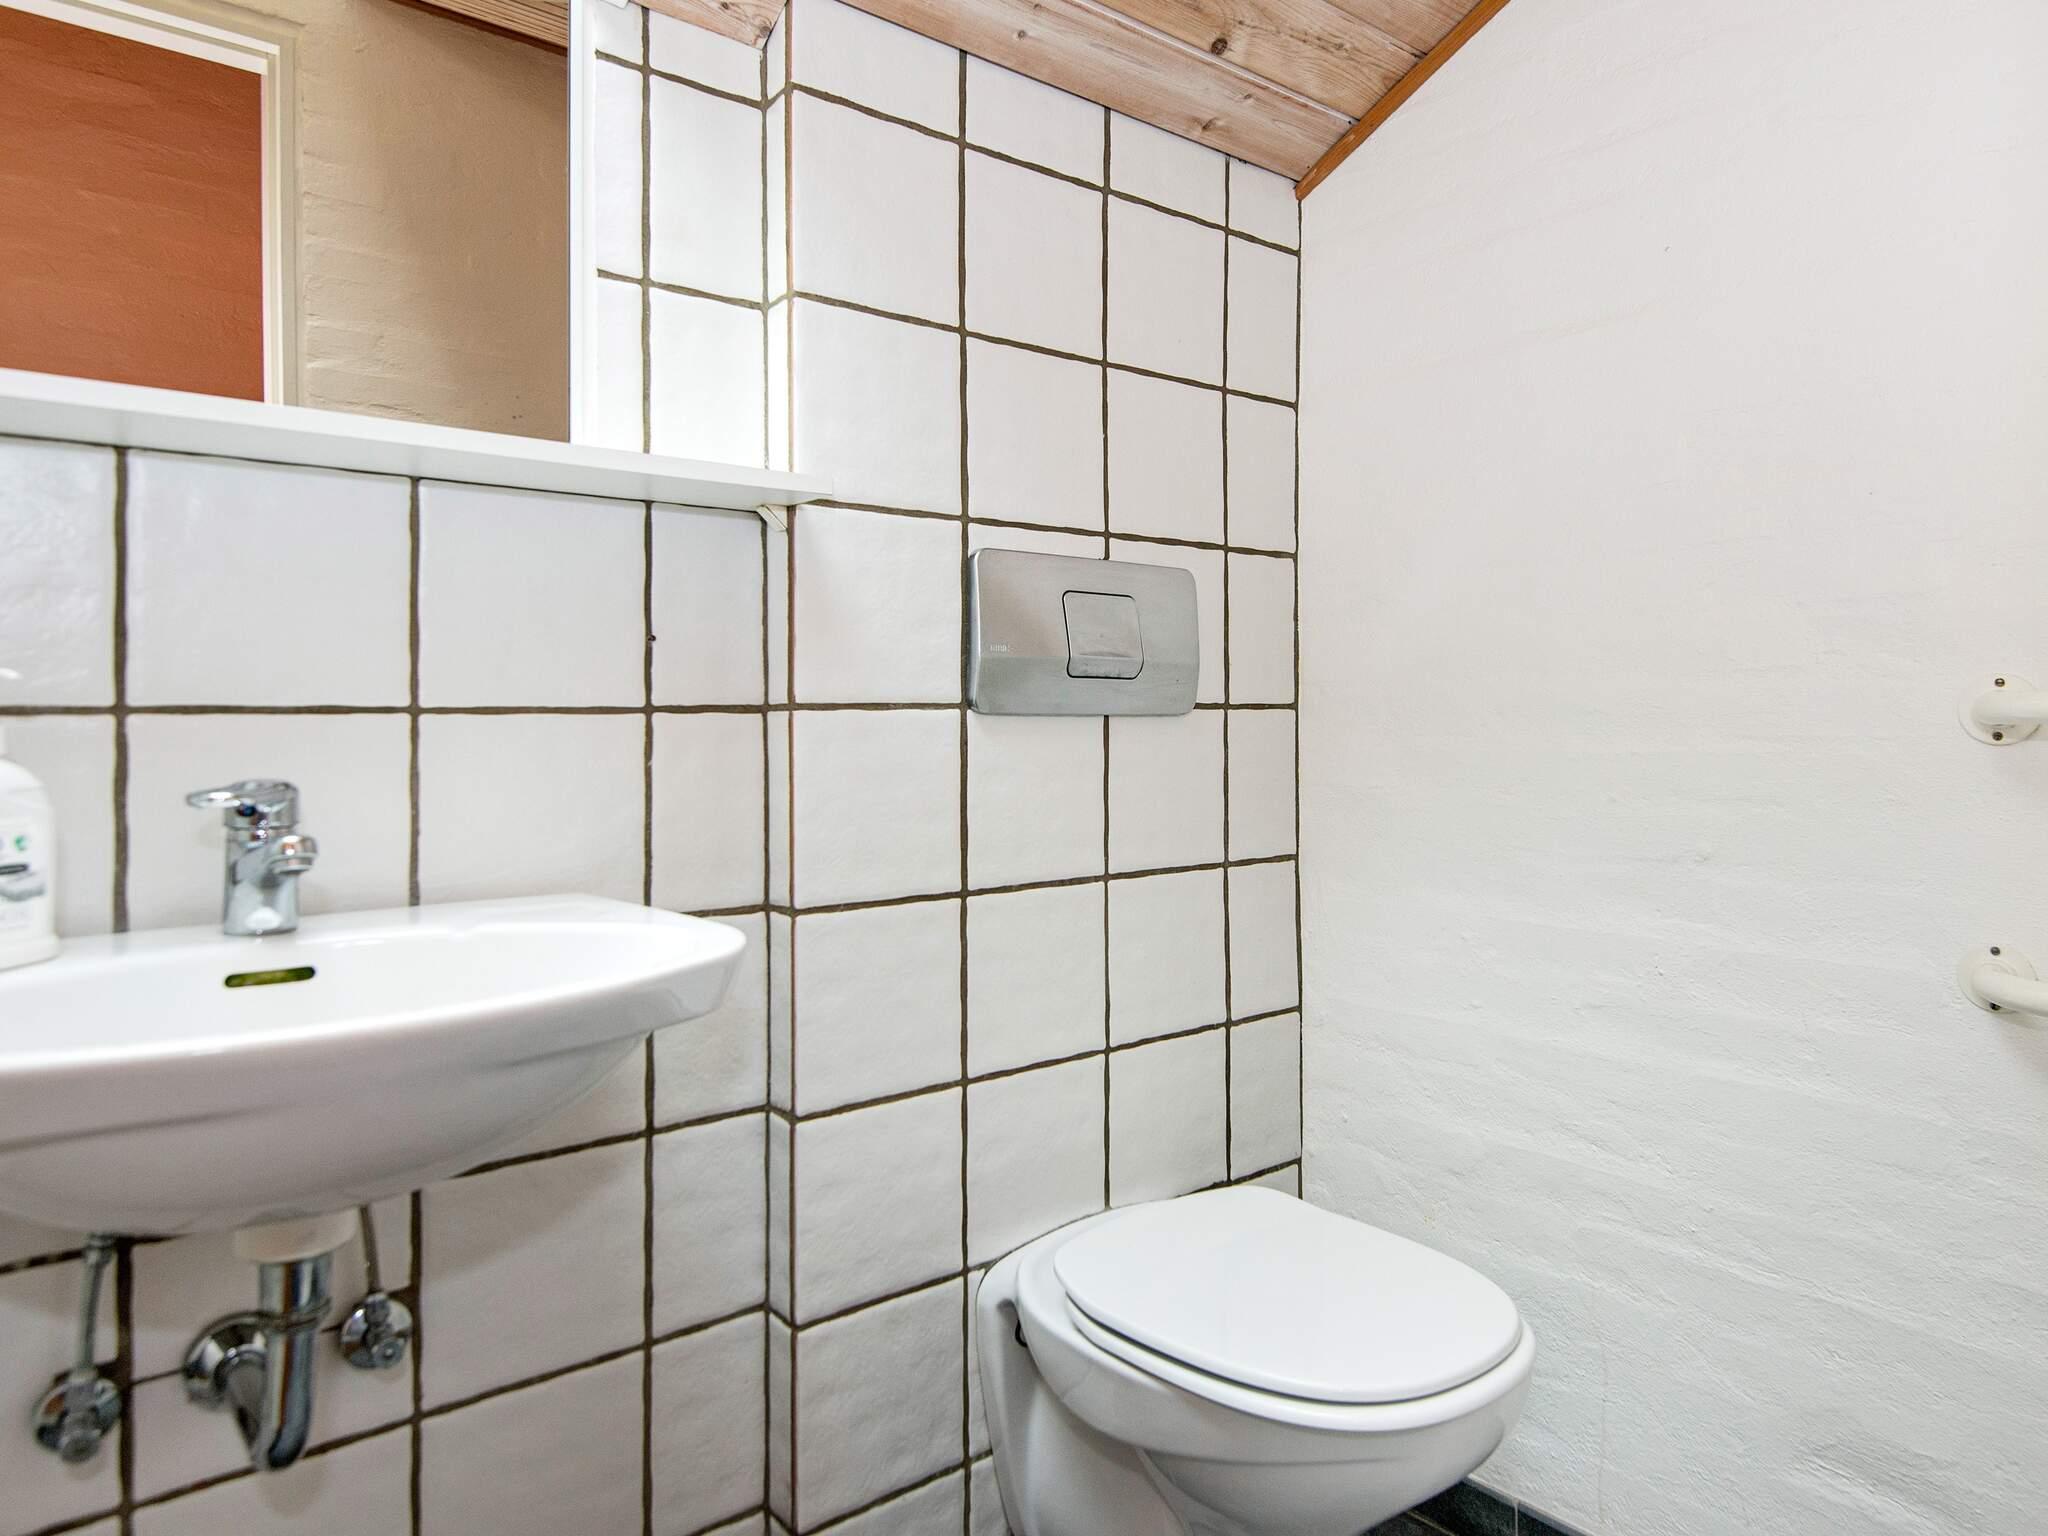 Ferienhaus Silkeborg (93347), Silkeborg, , Ostjütland, Dänemark, Bild 30